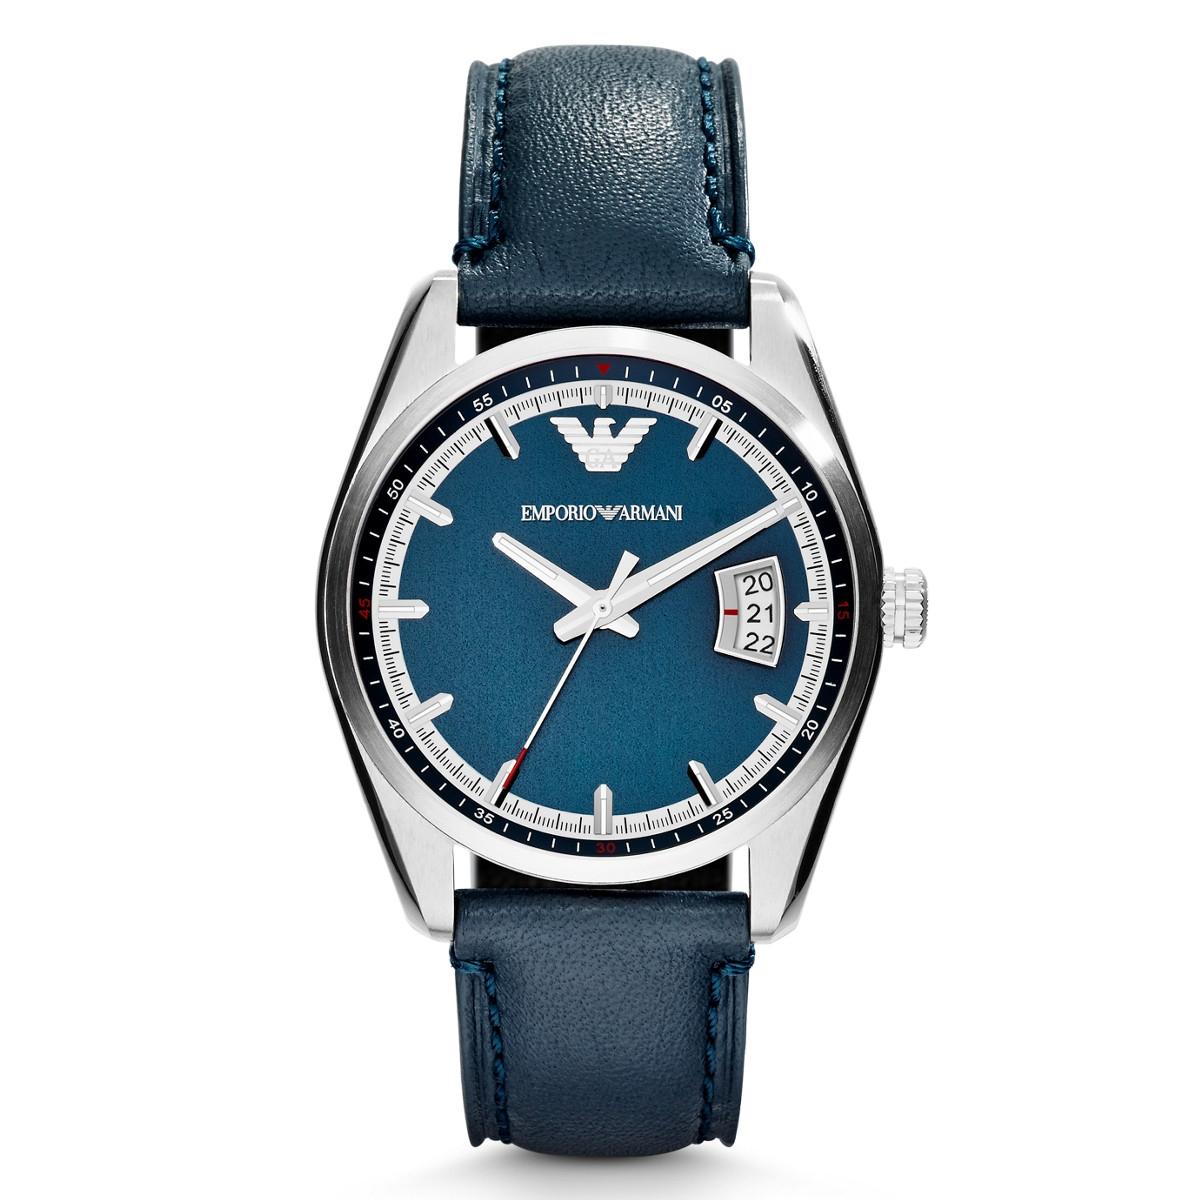 подобрать emporio armani официальный часы парфюм, обратите